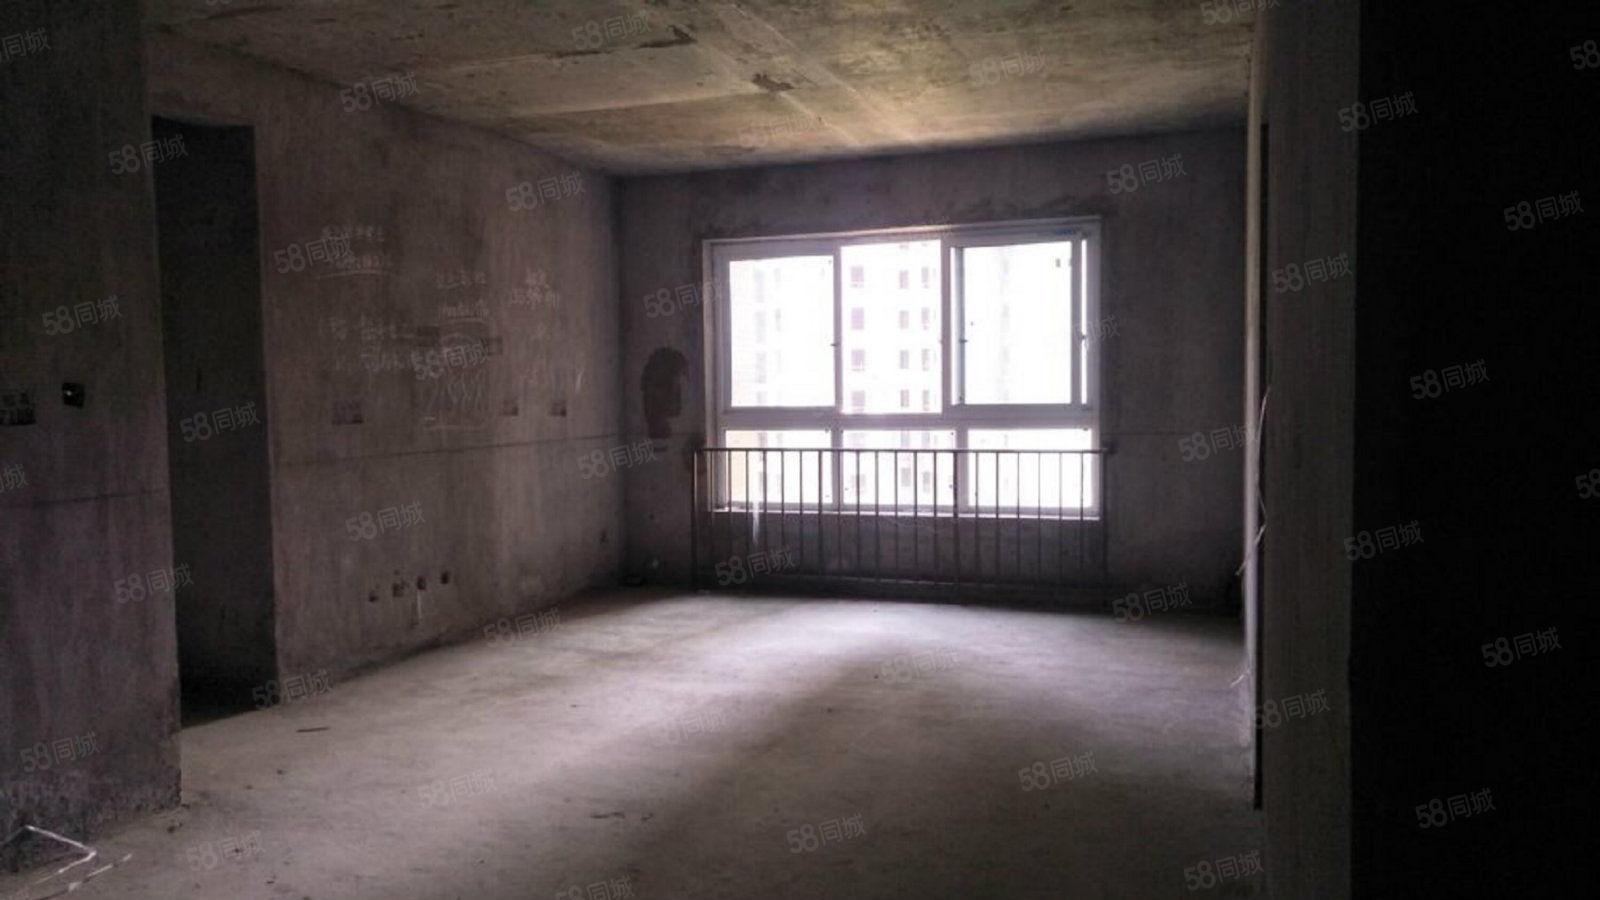 錦繡山河 業主誠心出售 電梯現房 單價僅售4500元一平